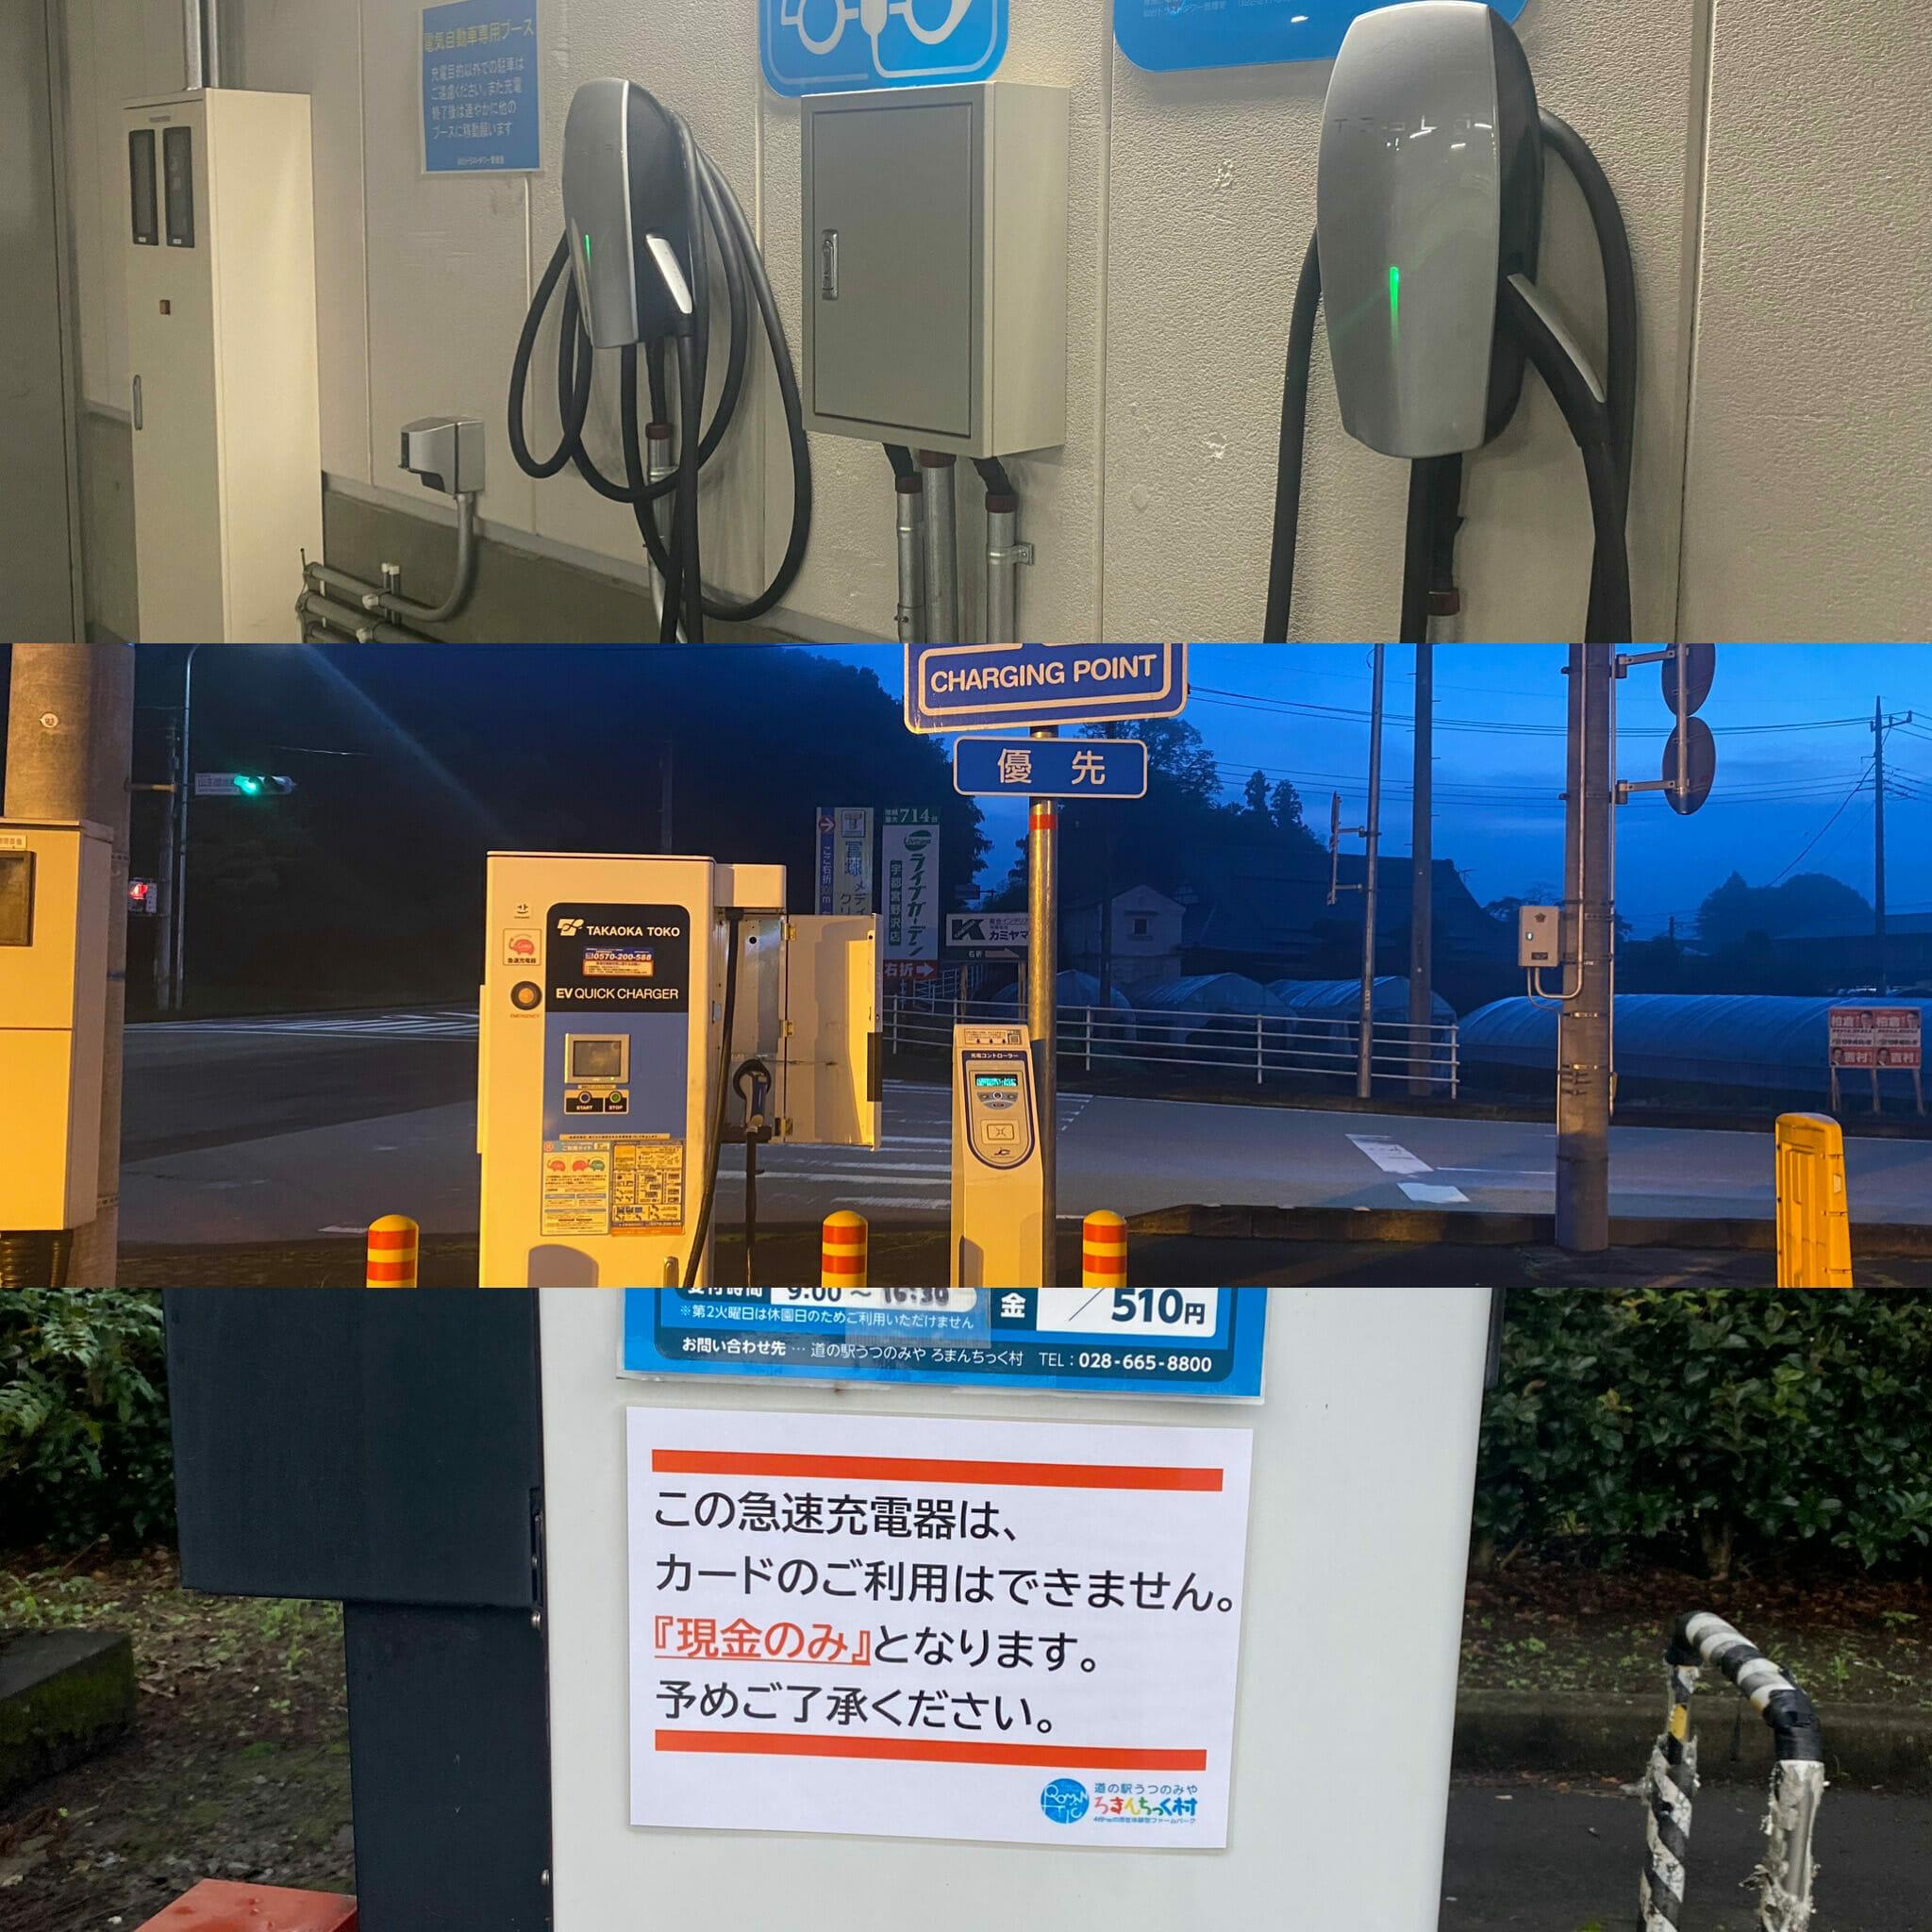 オワコンな日本の充電インフラ